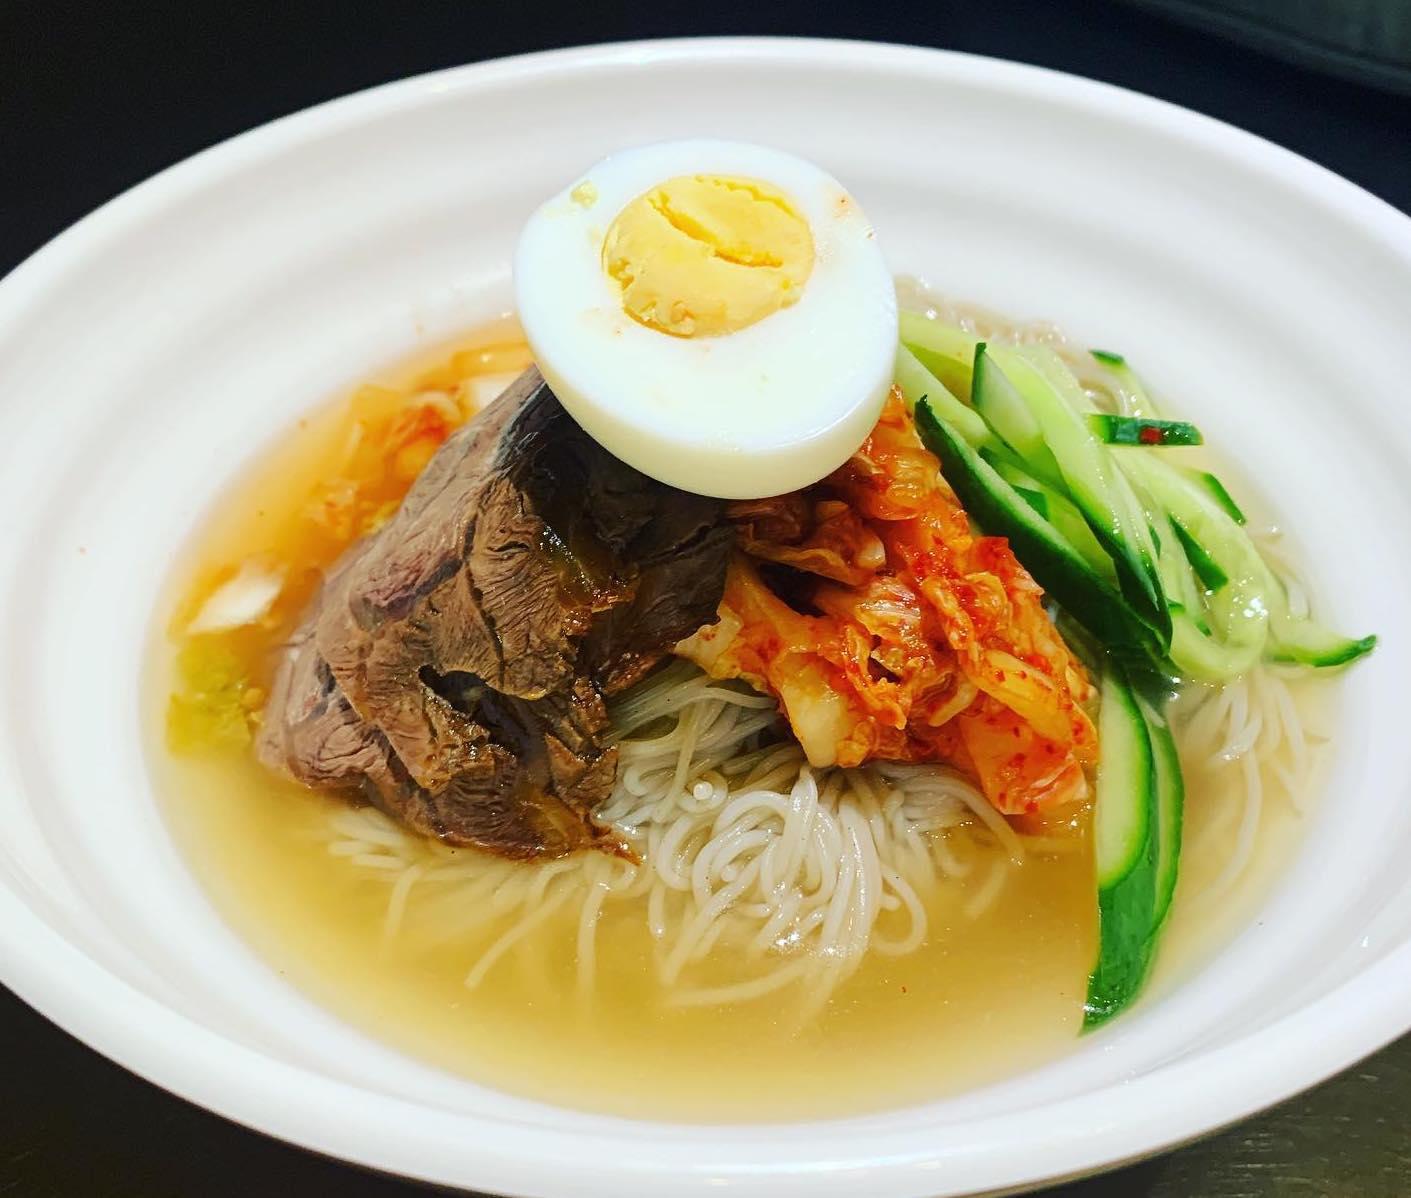 Suppen und Kimchi, Knusperhühnchen und hausgemachte Nudeln – Shaniu's House of Noodles chinesische Restaurants in Berlin